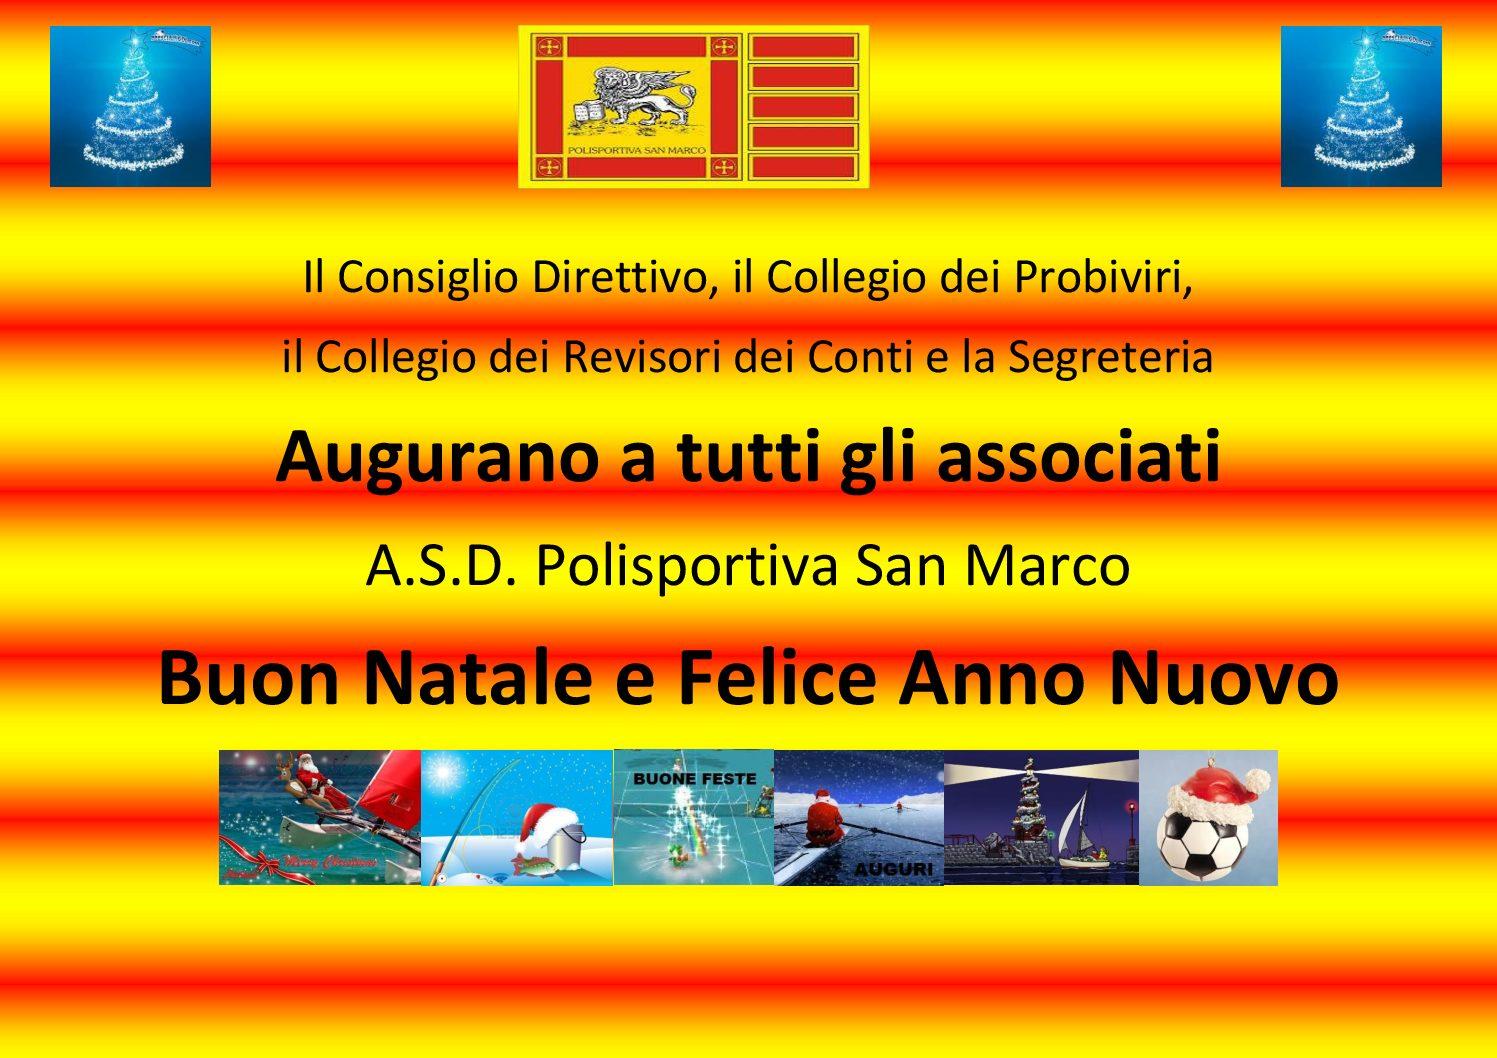 Segreteria Autore Presso Polisportiva San Marco